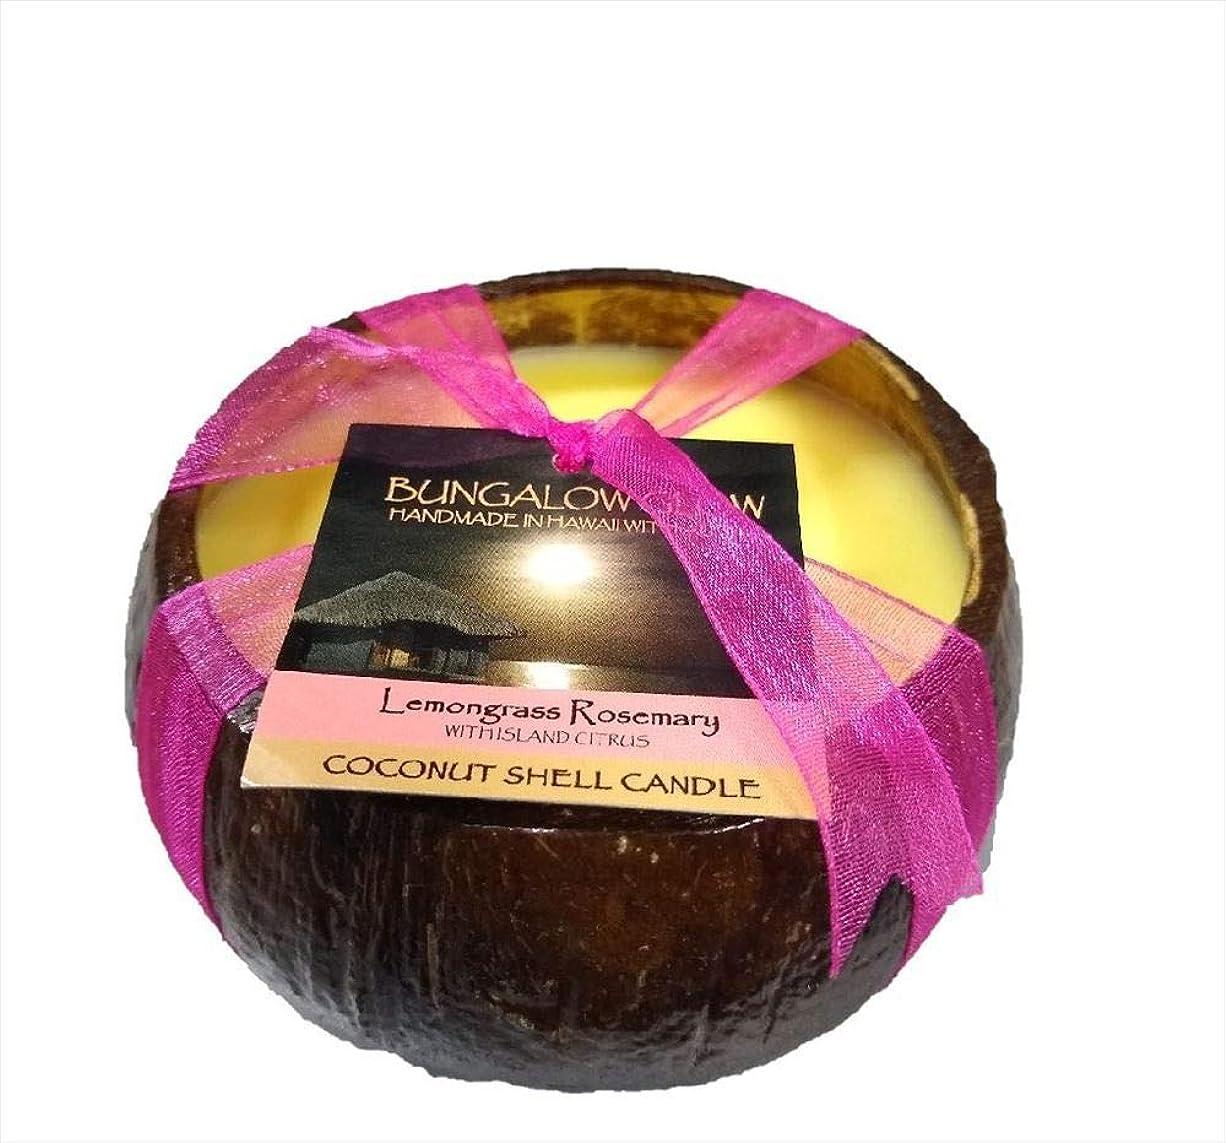 ずるいワットタオル【正規輸入品】 バブルシャック?ハワイ Bubble shack Coconut Shell candle ココナッツシェルキャンドル lemongrass rosemary レモングラスローズマリー 500g